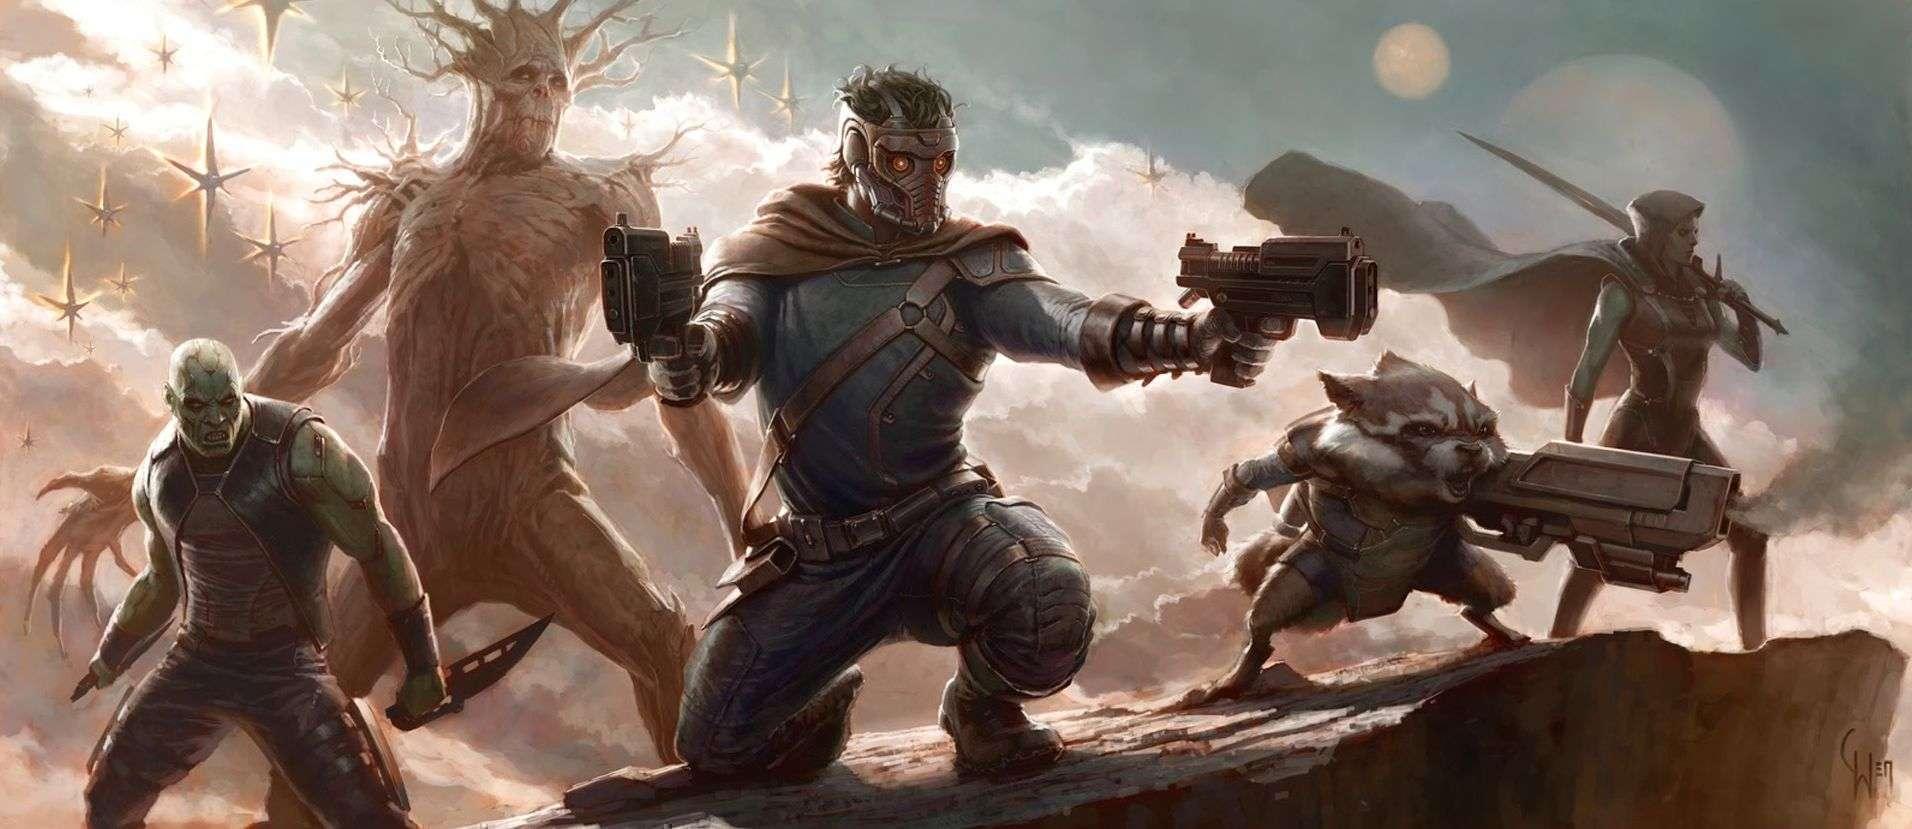 Guardians action